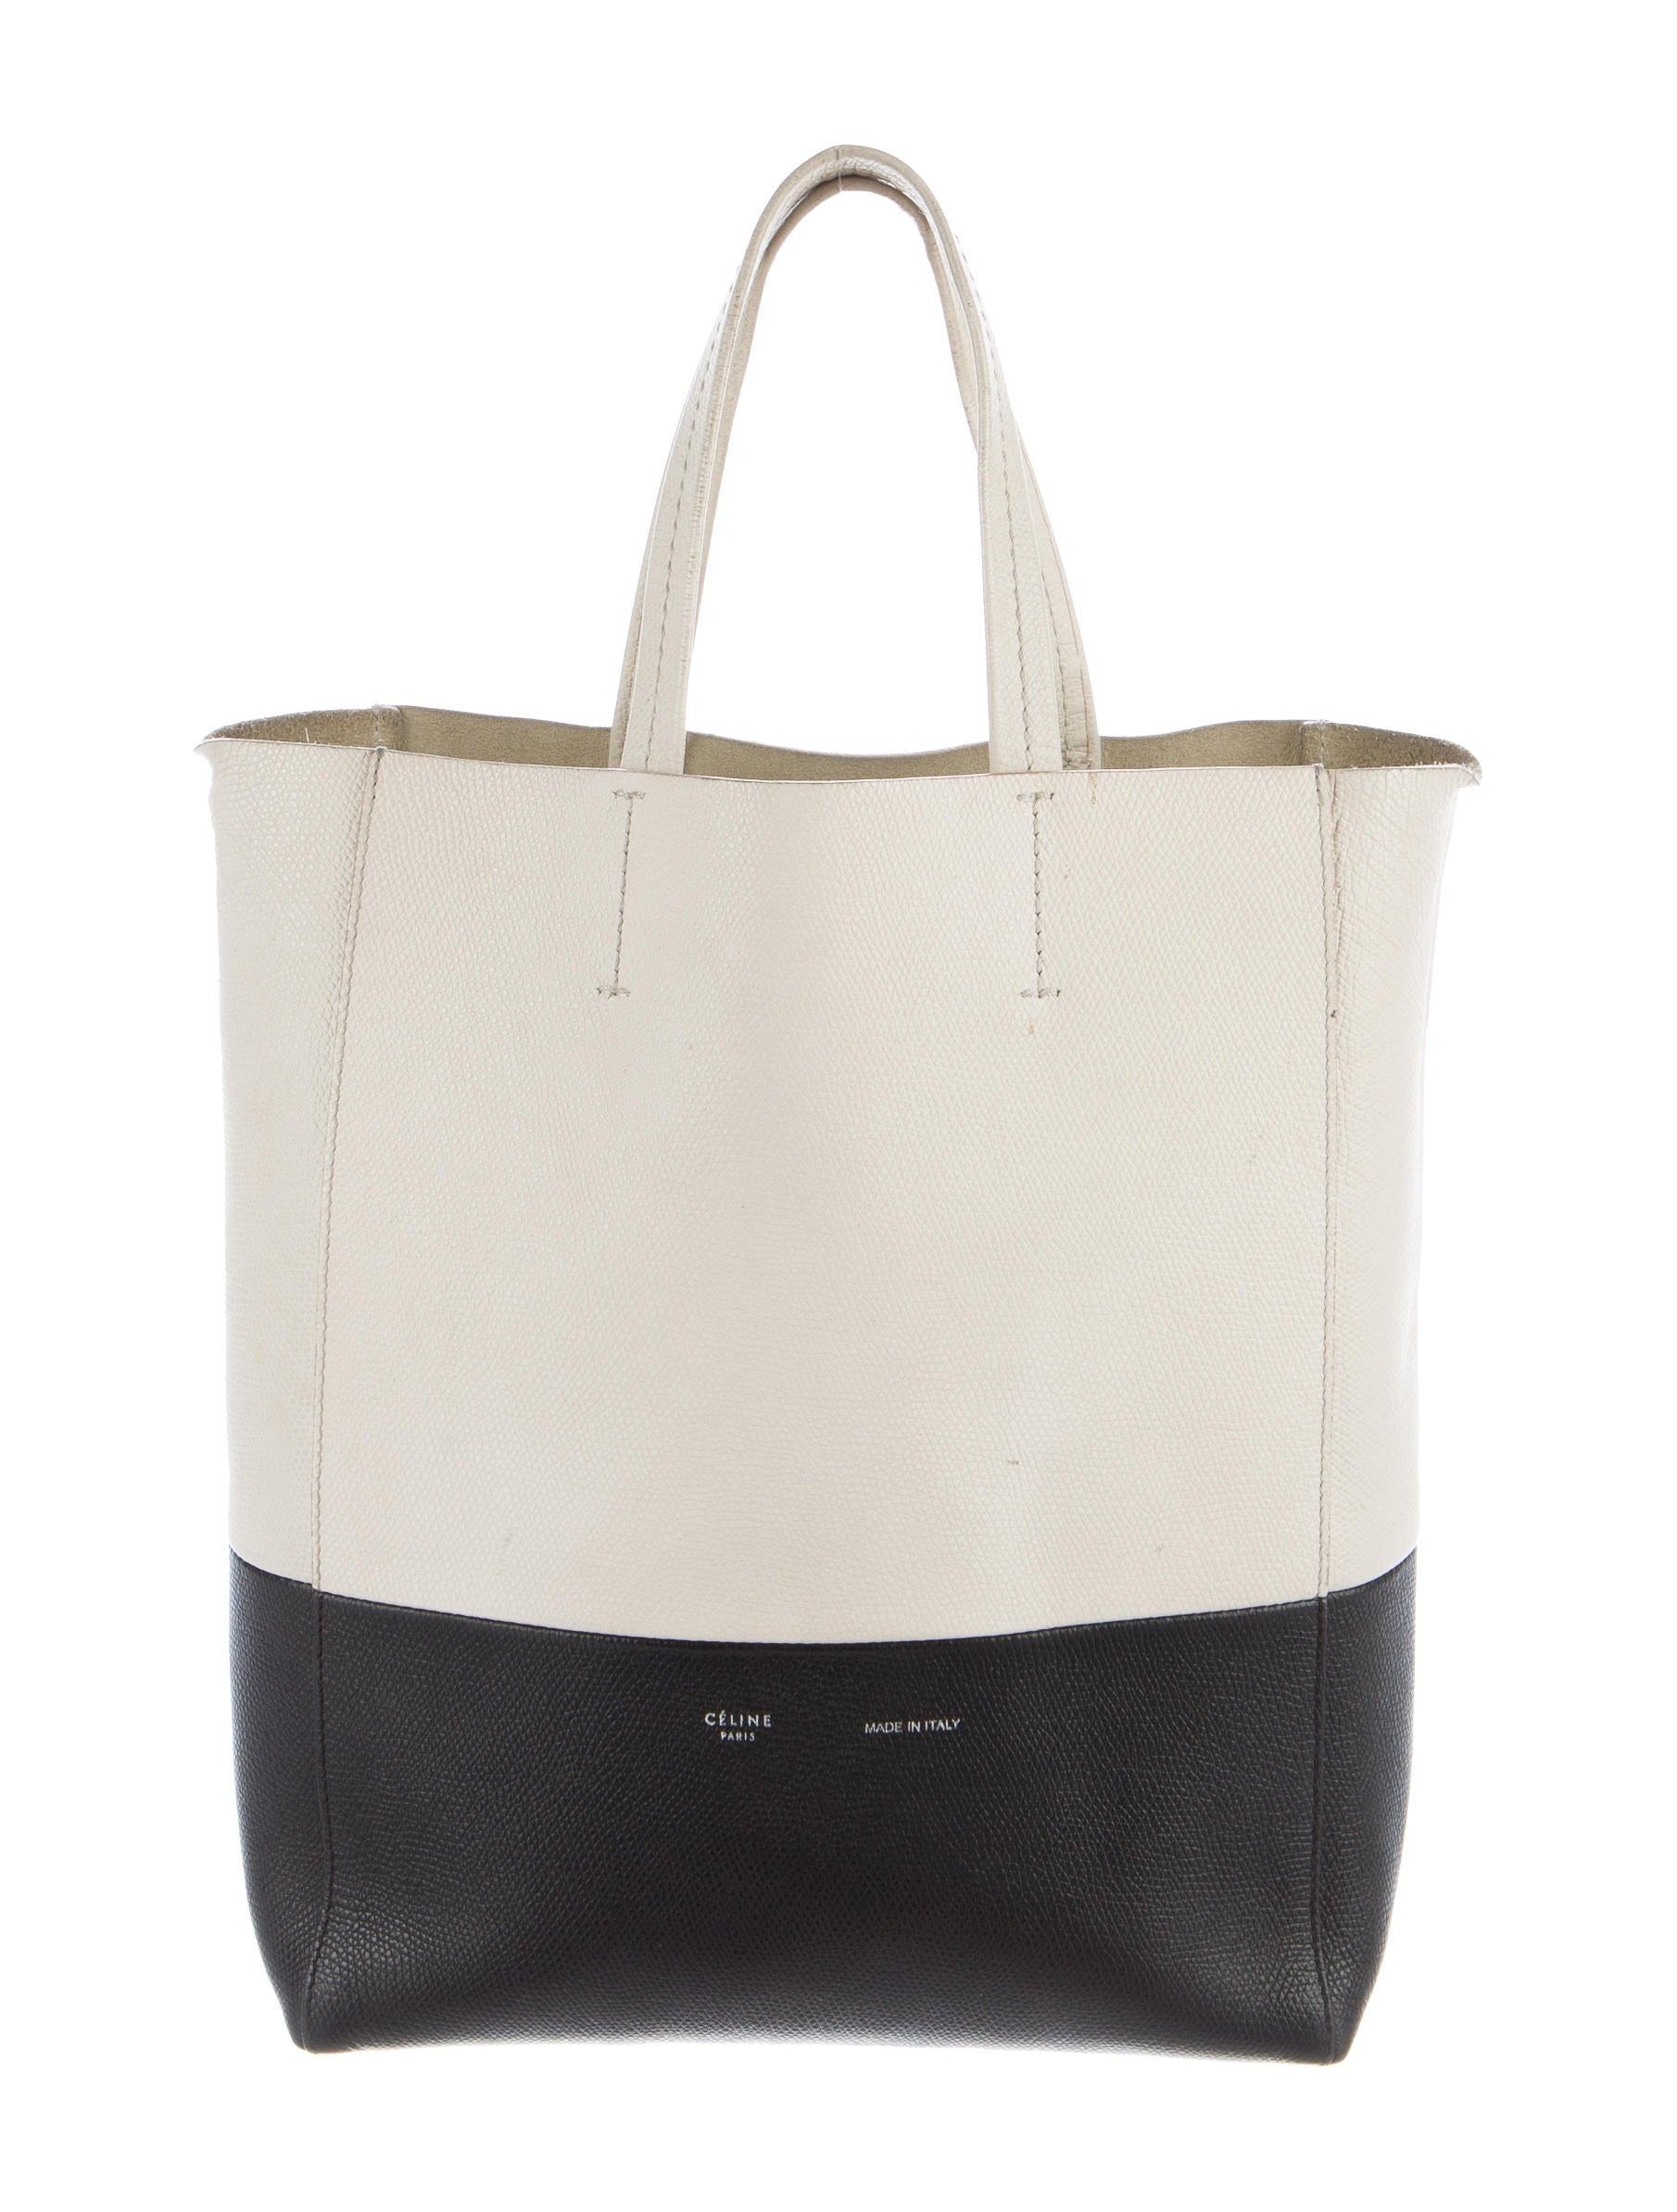 c010d3d6fb Celine Céline Small Vertical Bi-Cabas Tote - Handbags - CEL49346 ...